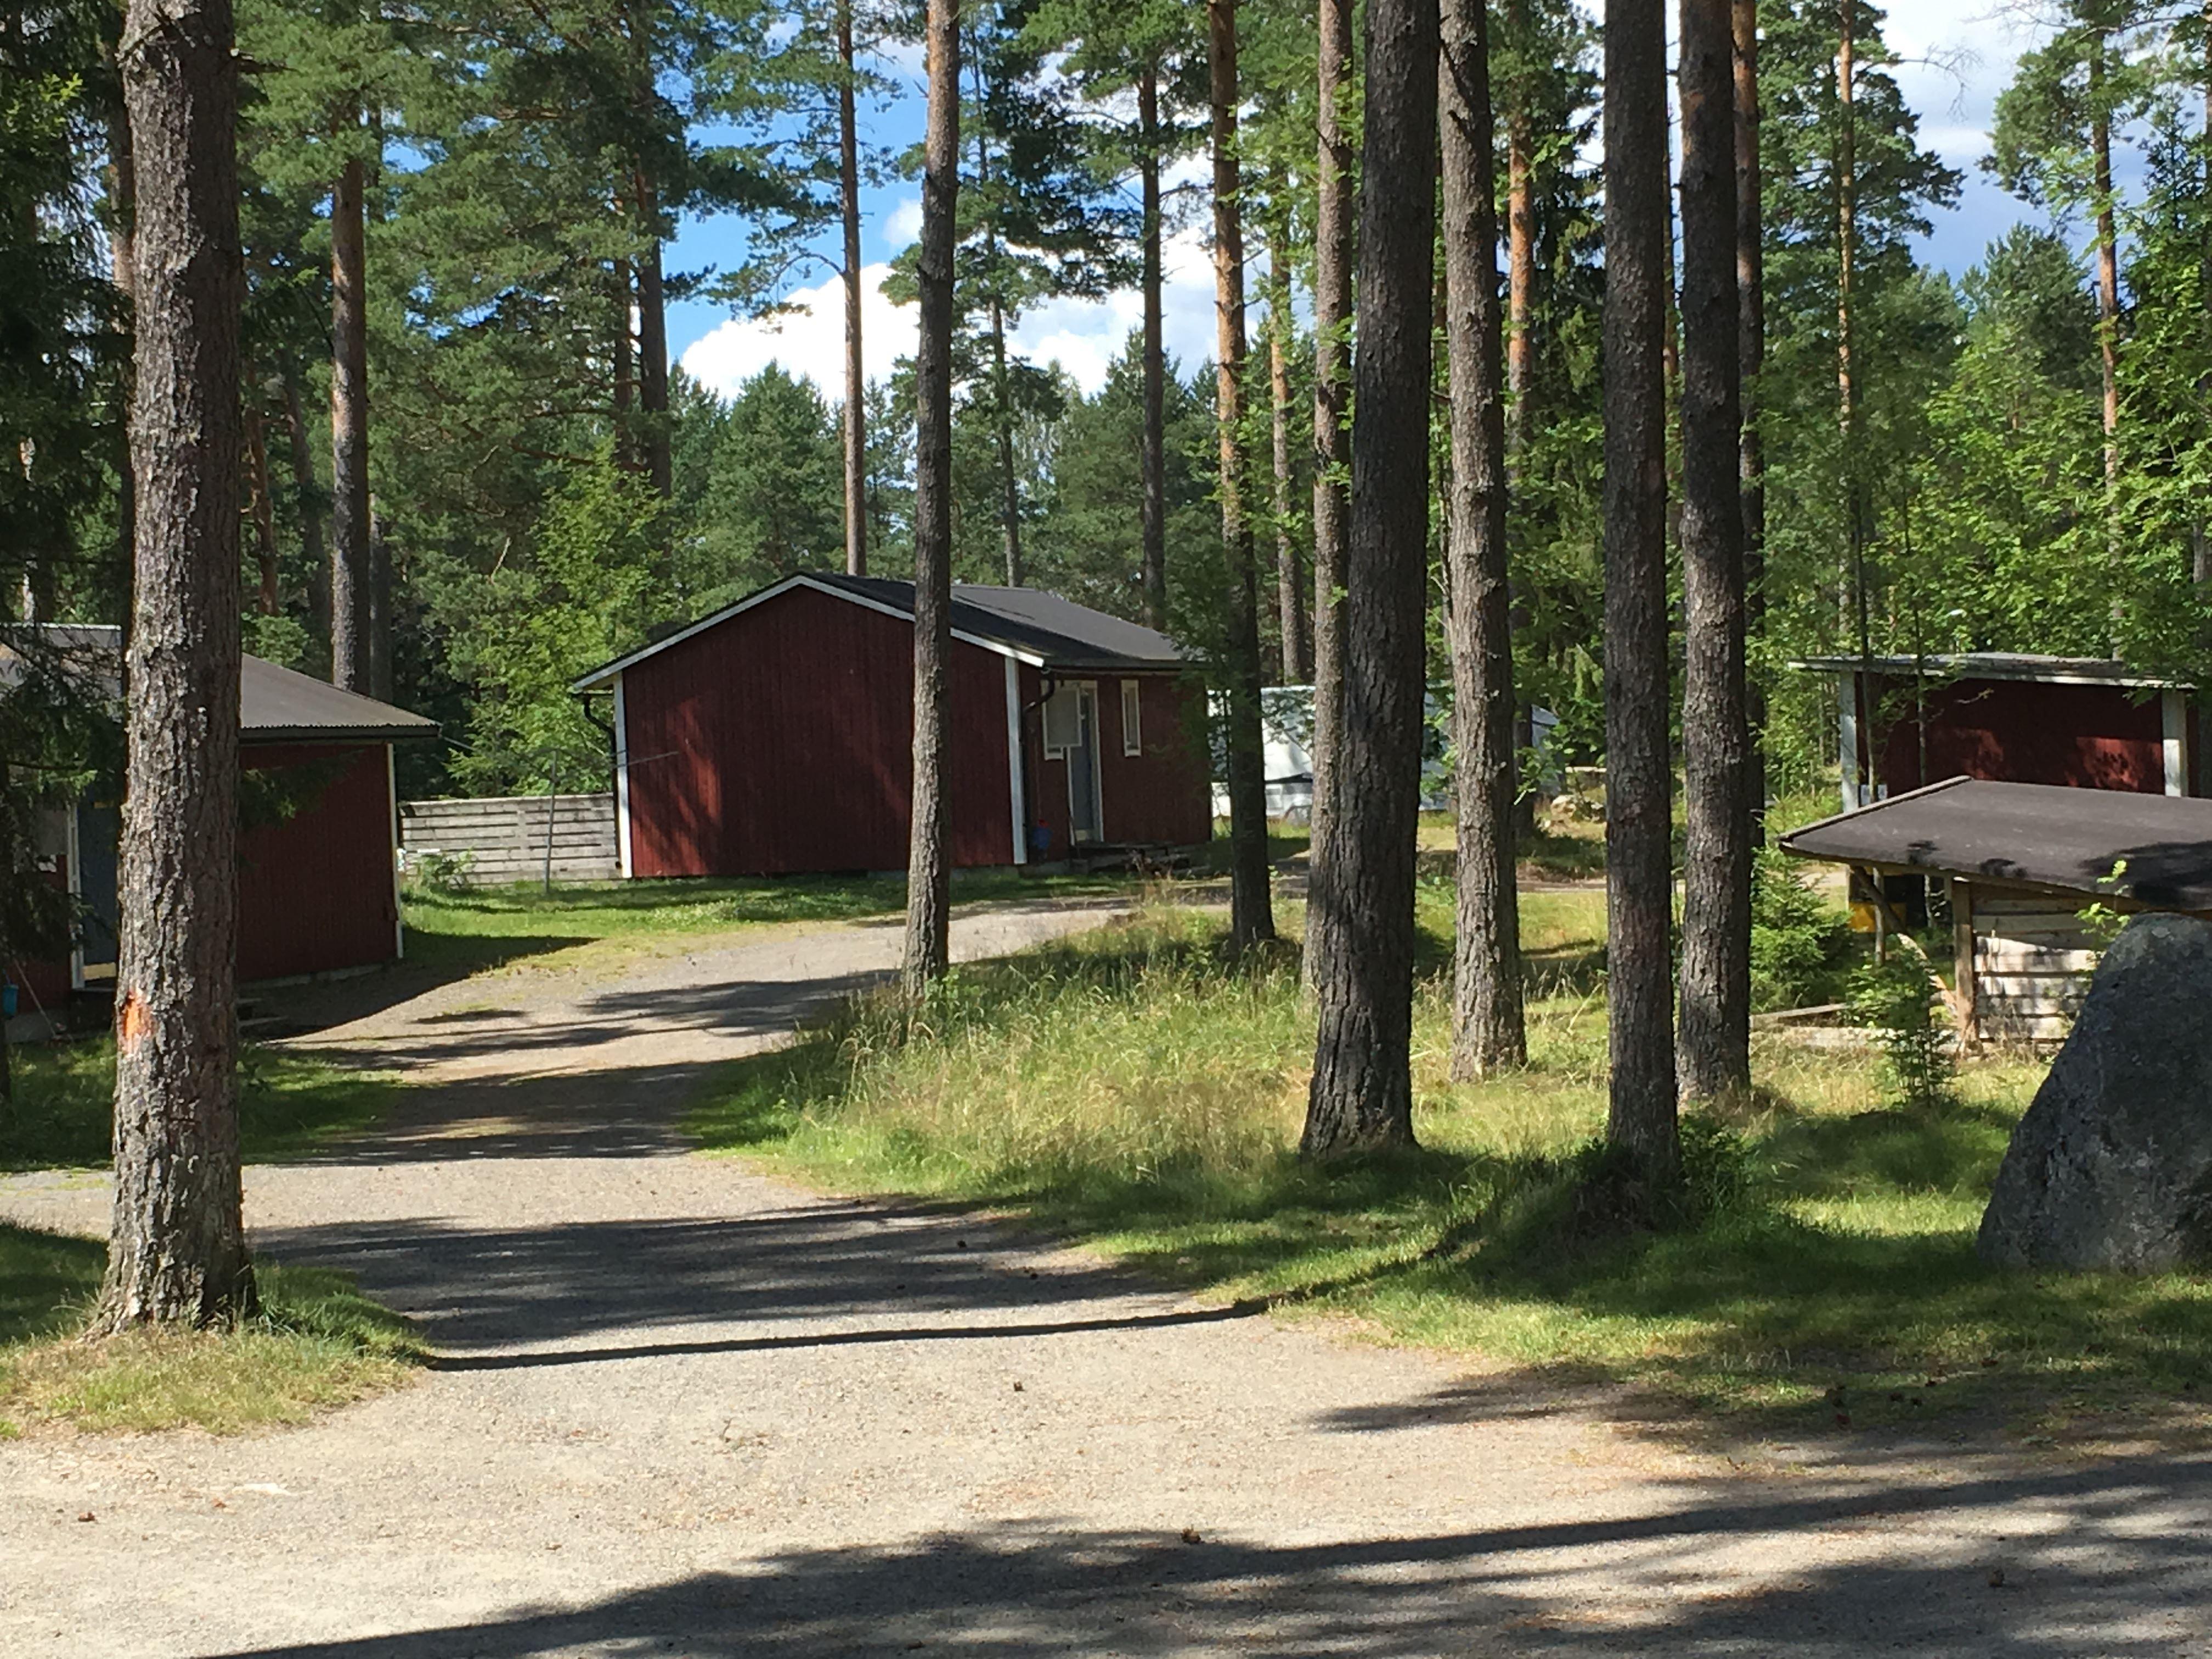 Hoks Nature-camping